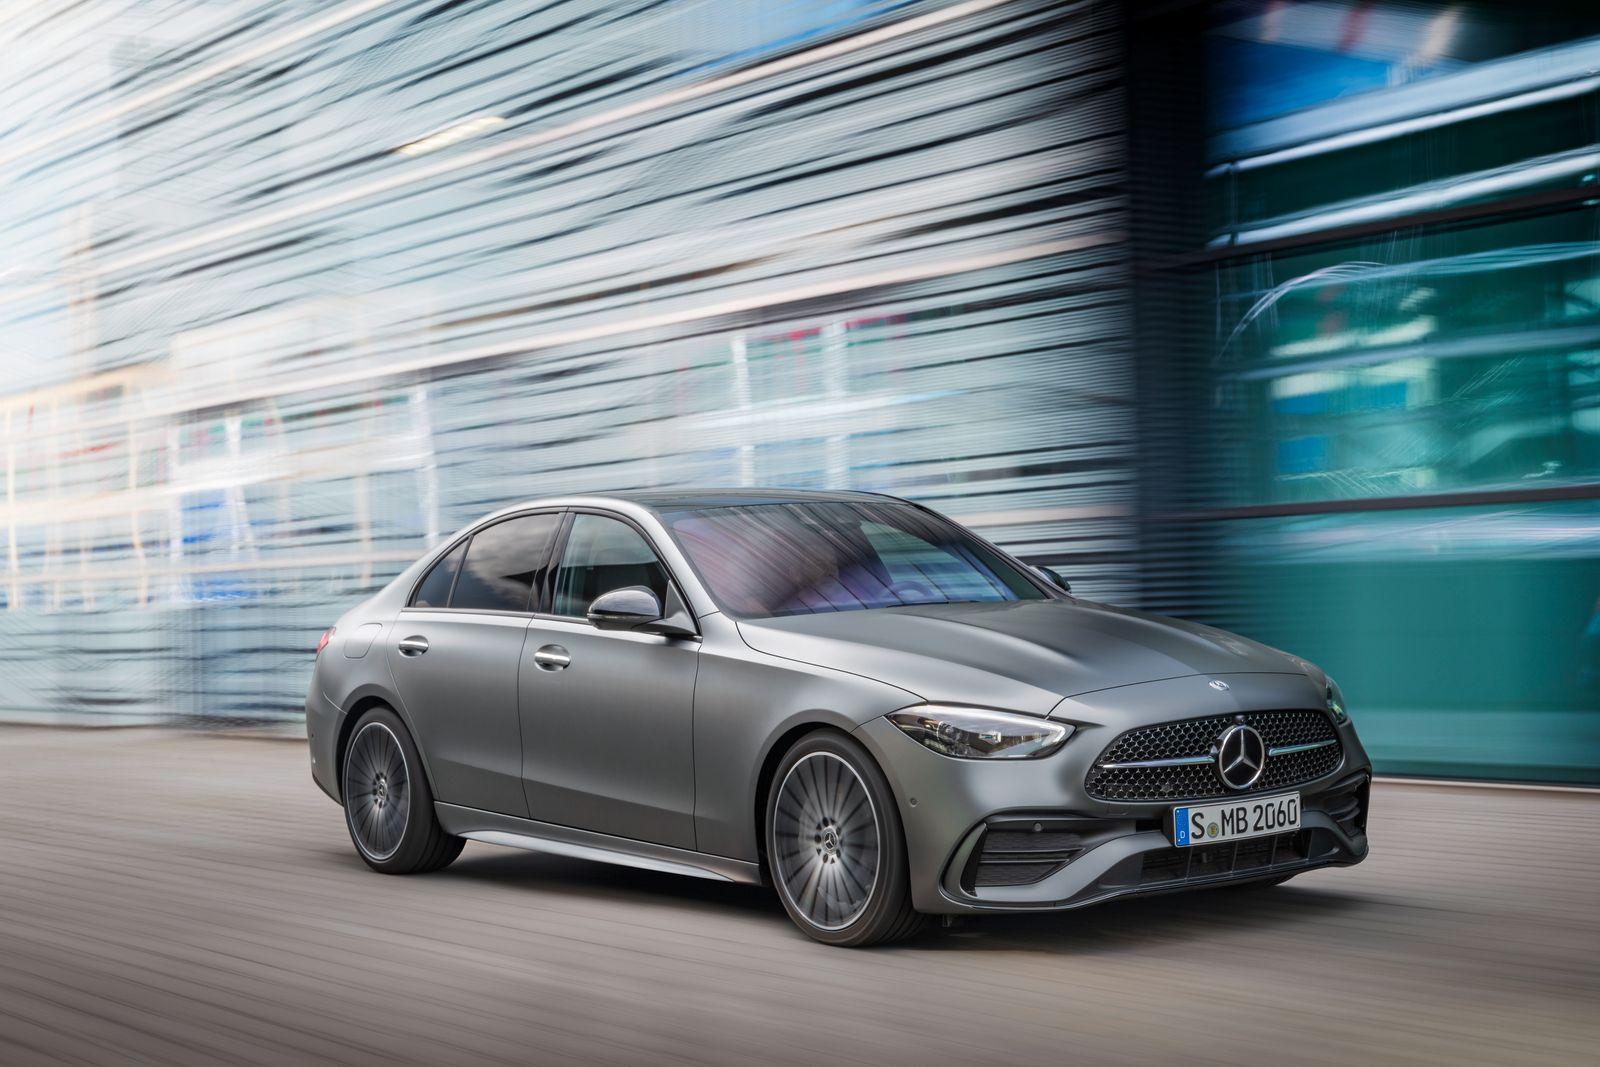 PAD/Embargo Digital World Premiere: Tuesday, February 23rd 02:00 pm (CET)/14:00 Uhr (MEZ) Mercedes-Benz C-Klasse, 2021 // Mercedes-Benz C-Class, 2021